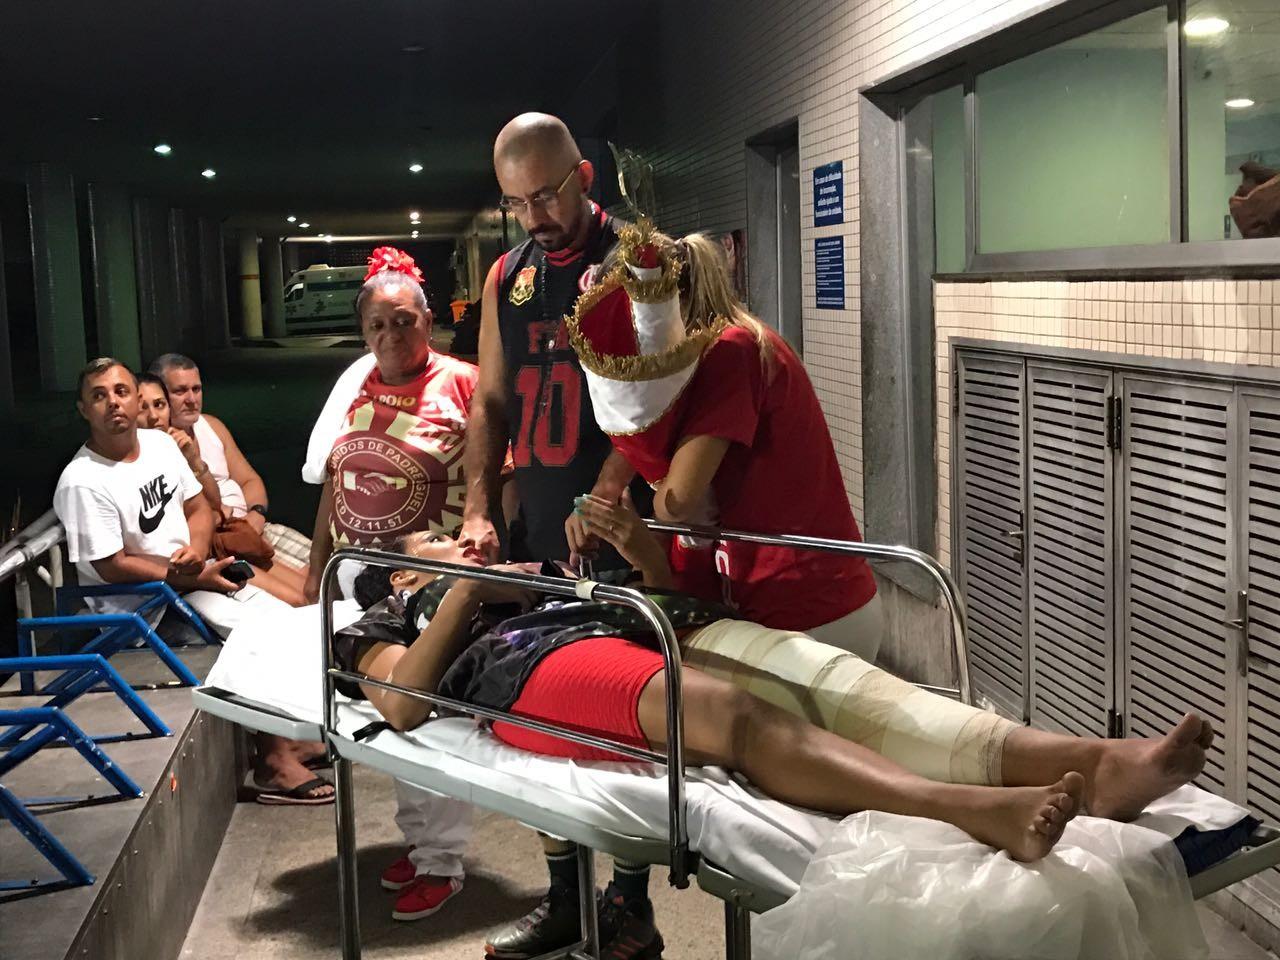 'Eu lutei, eu tentei', diz porta-bandeira que caiu e torceu o joelho na Sapucaí